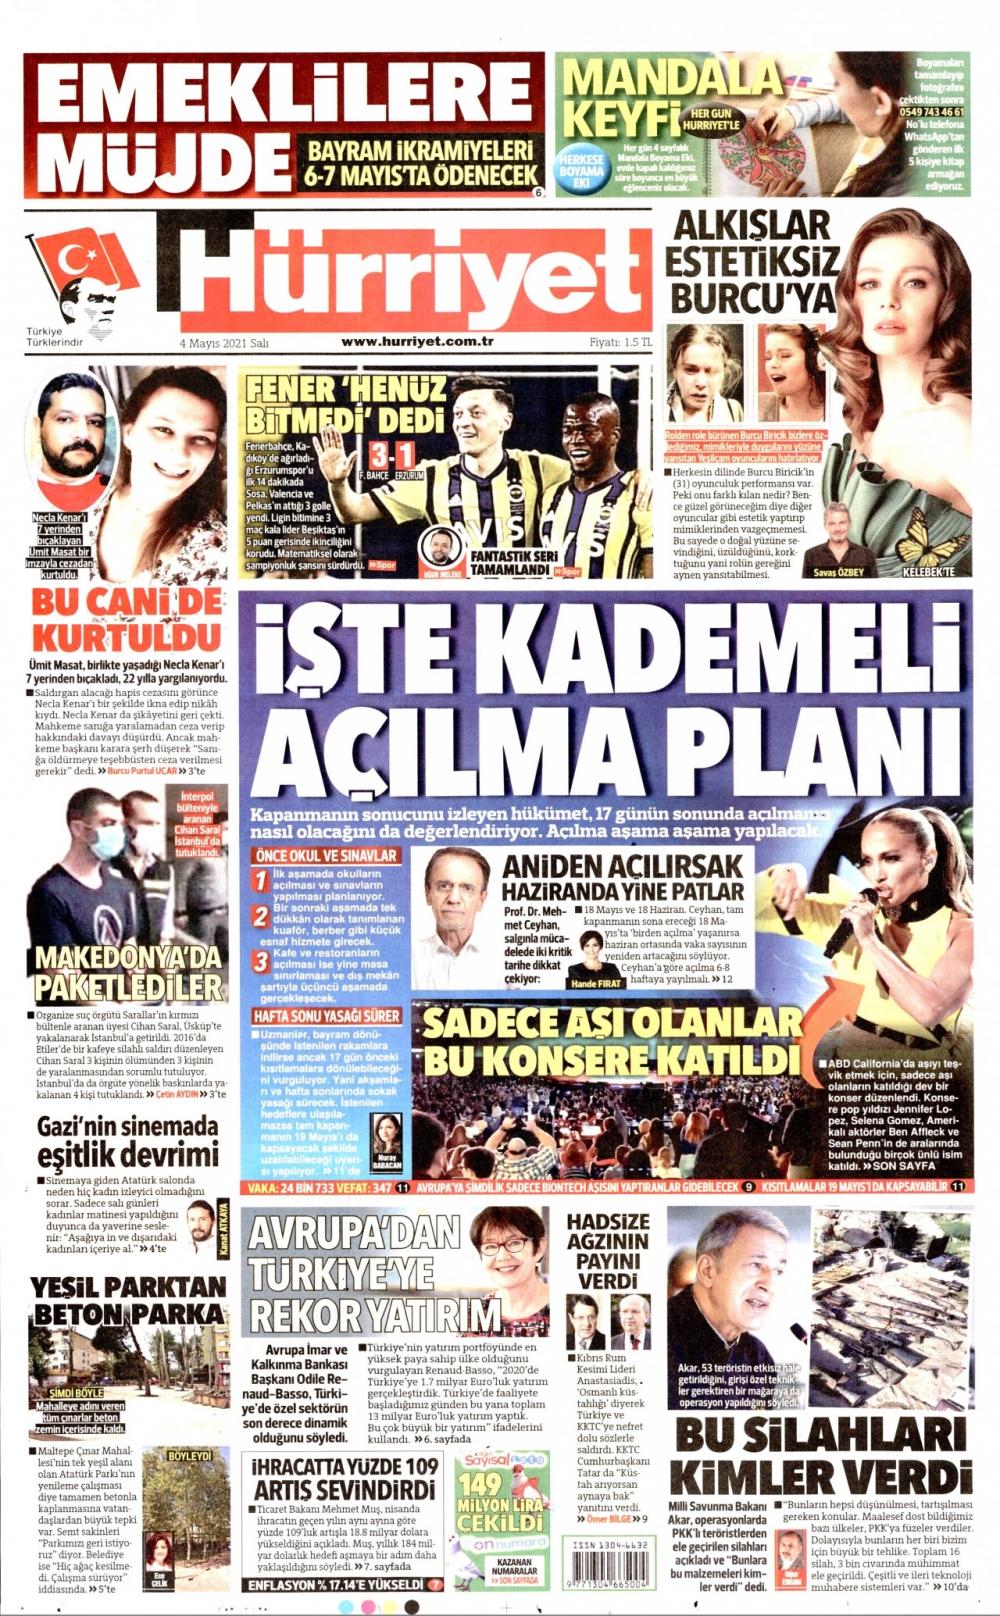 Günün Gazete Manşetleri 4 Mayıs 2021 Gazeteler Ne Diyor? 1